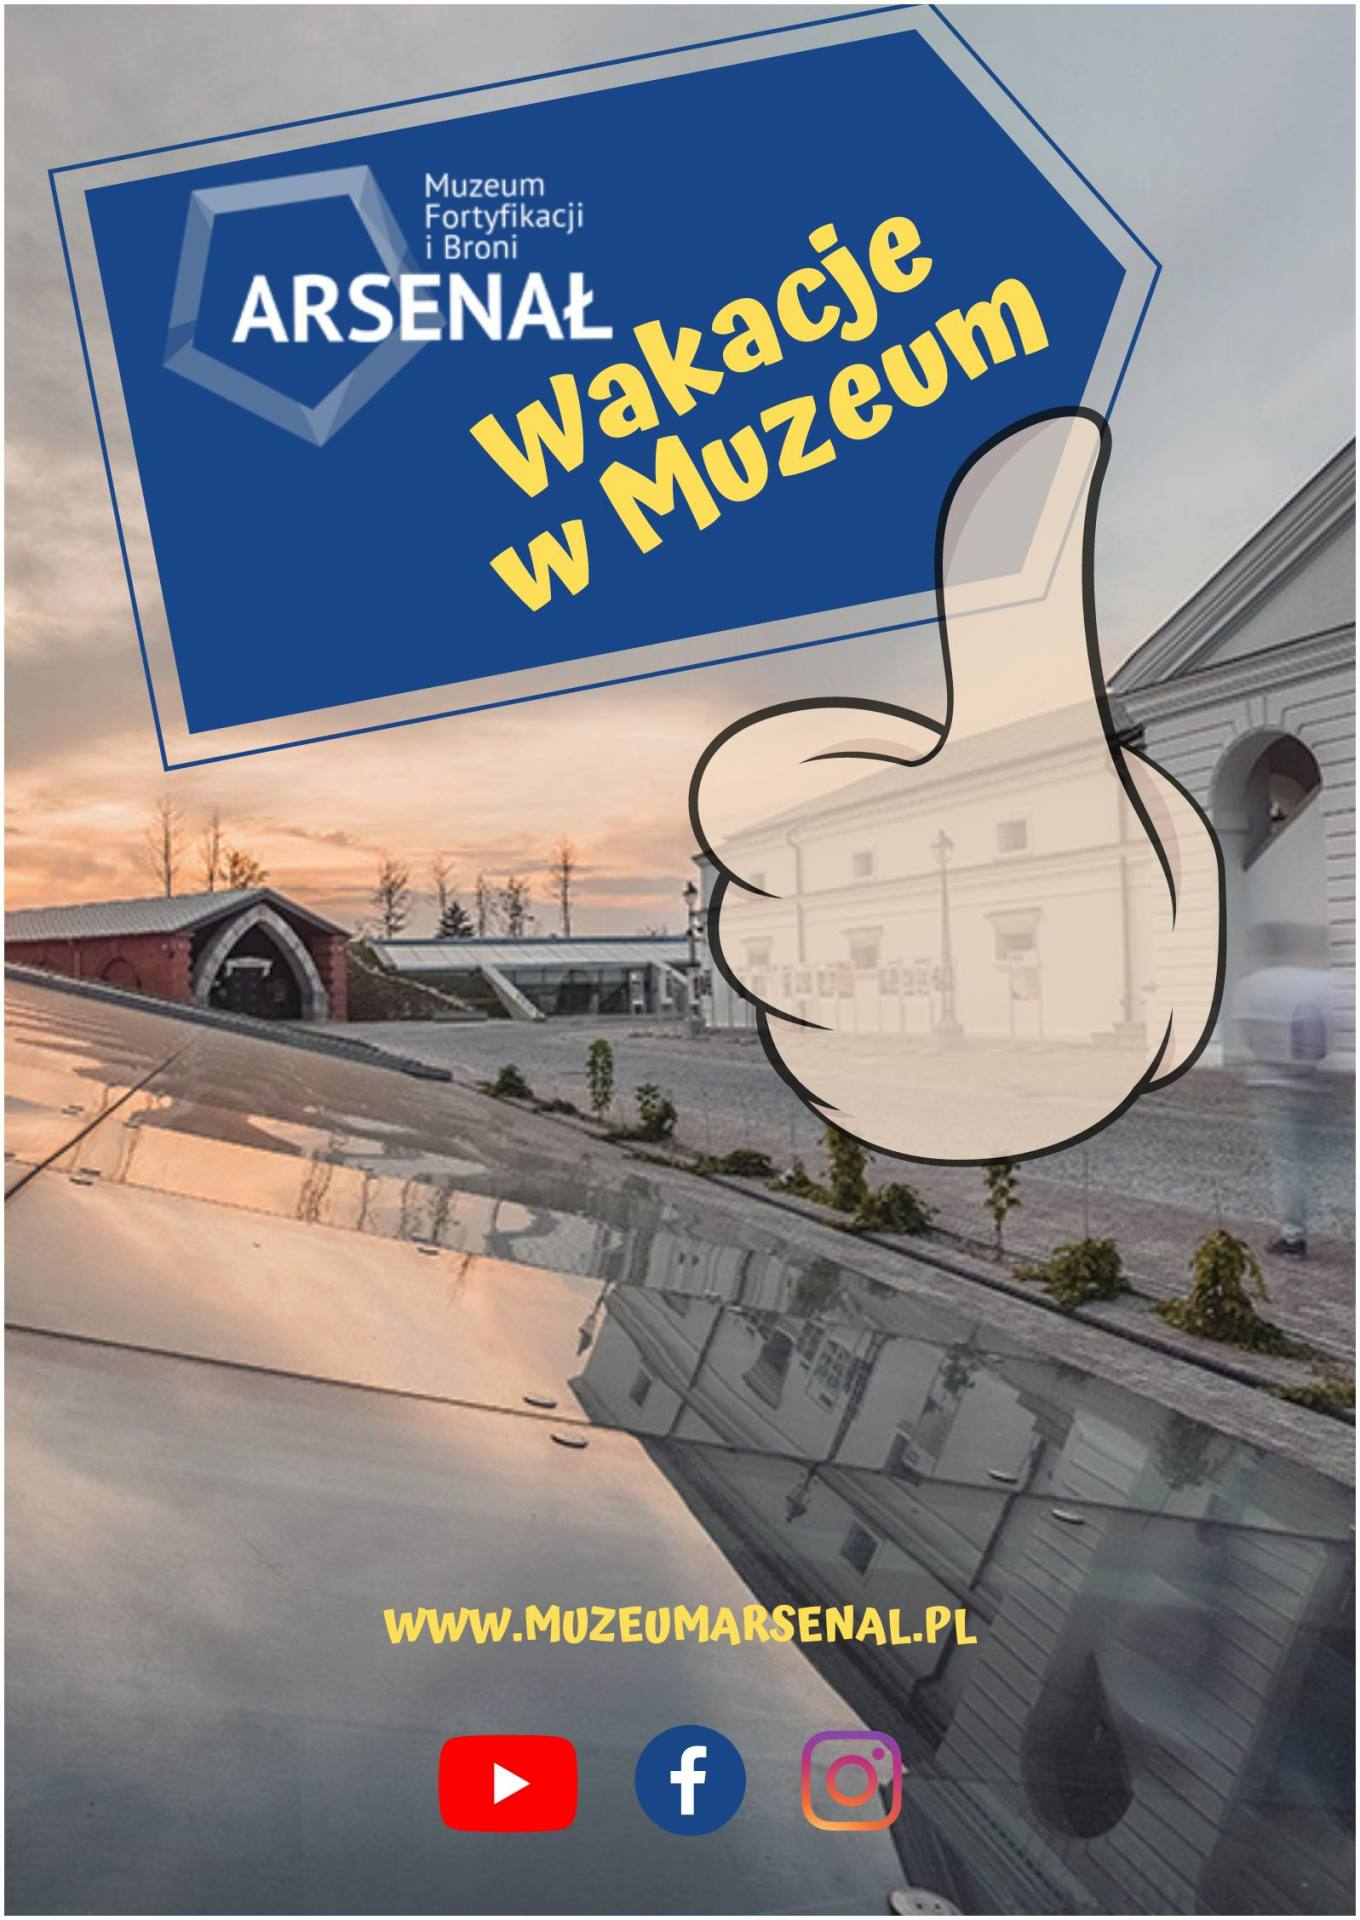 wakacje w muzeum Wakacje w Muzeum - oferta wakacyjna MFiB Arsenał